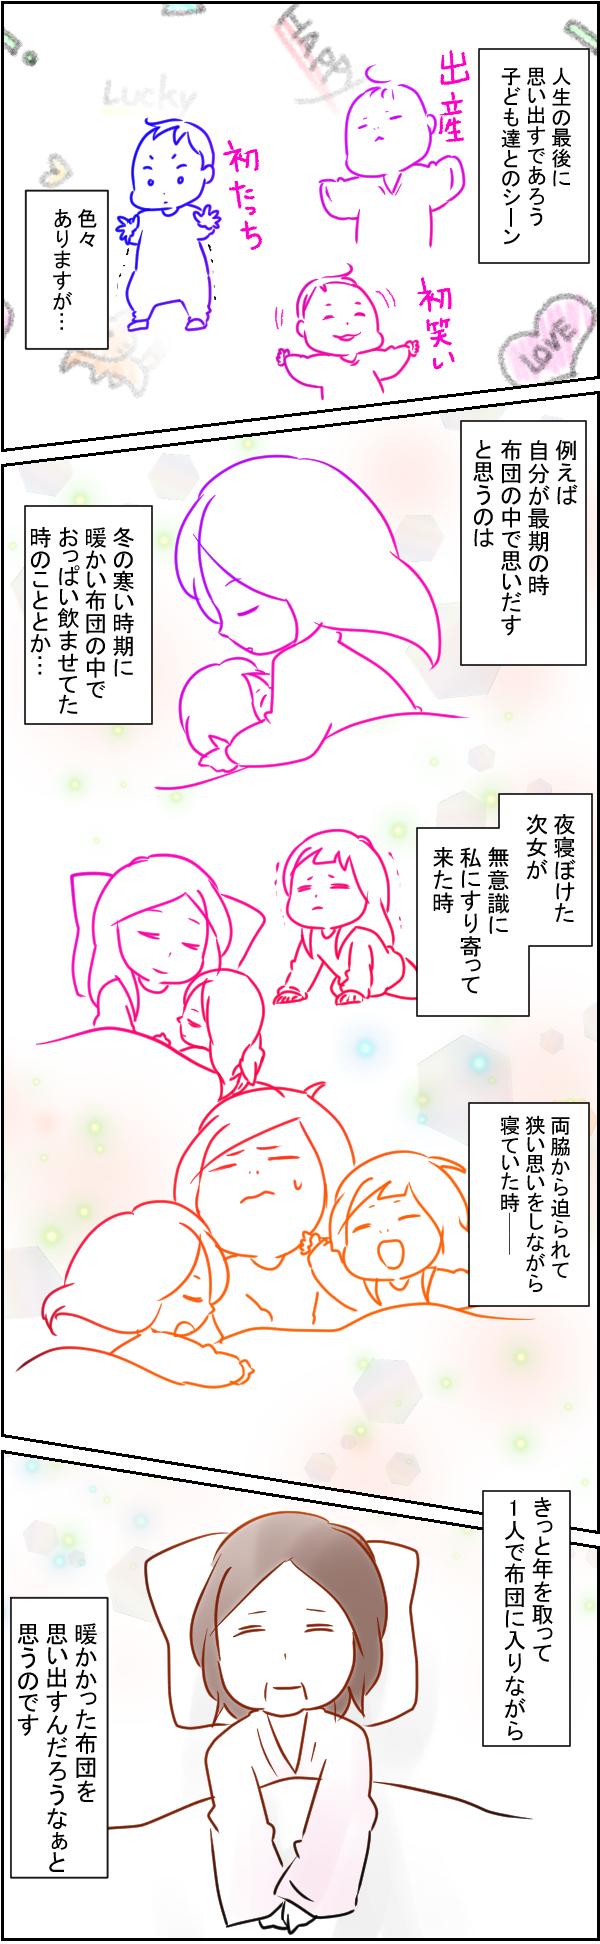 このひとときが愛おしい!「子どもと一緒に寝る時間」にまつわるエピソードの画像9